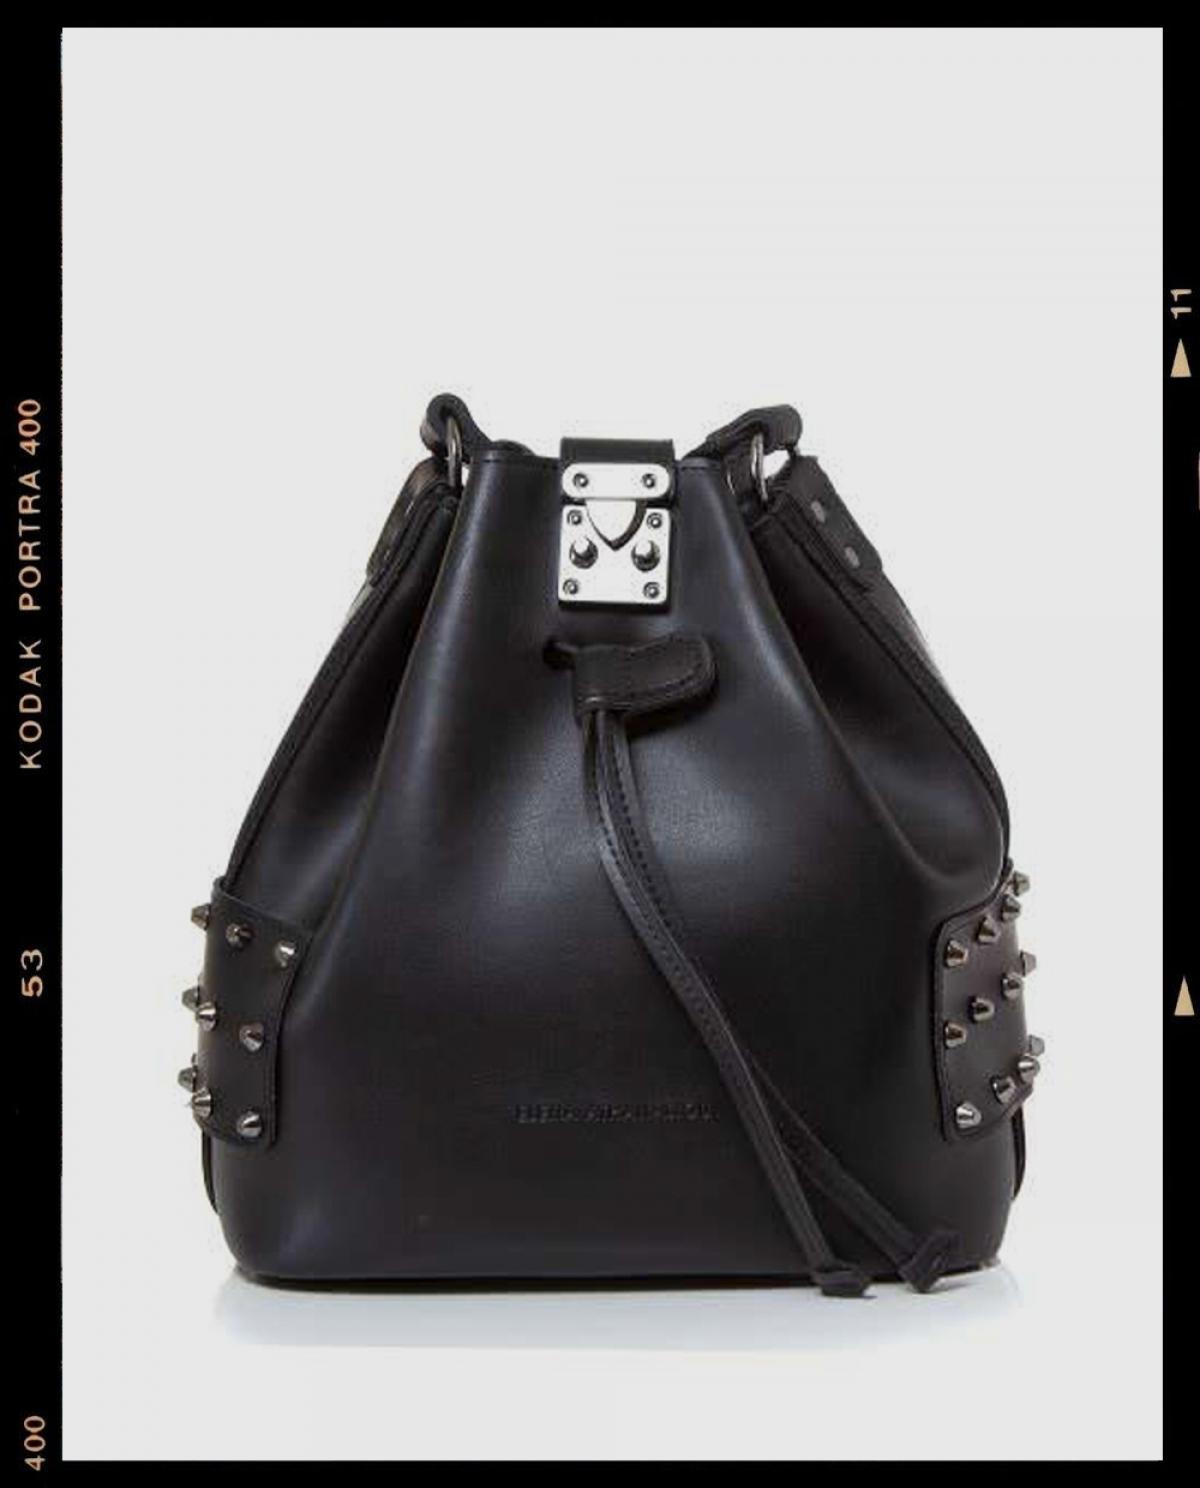 City Lady Shoulder Bag